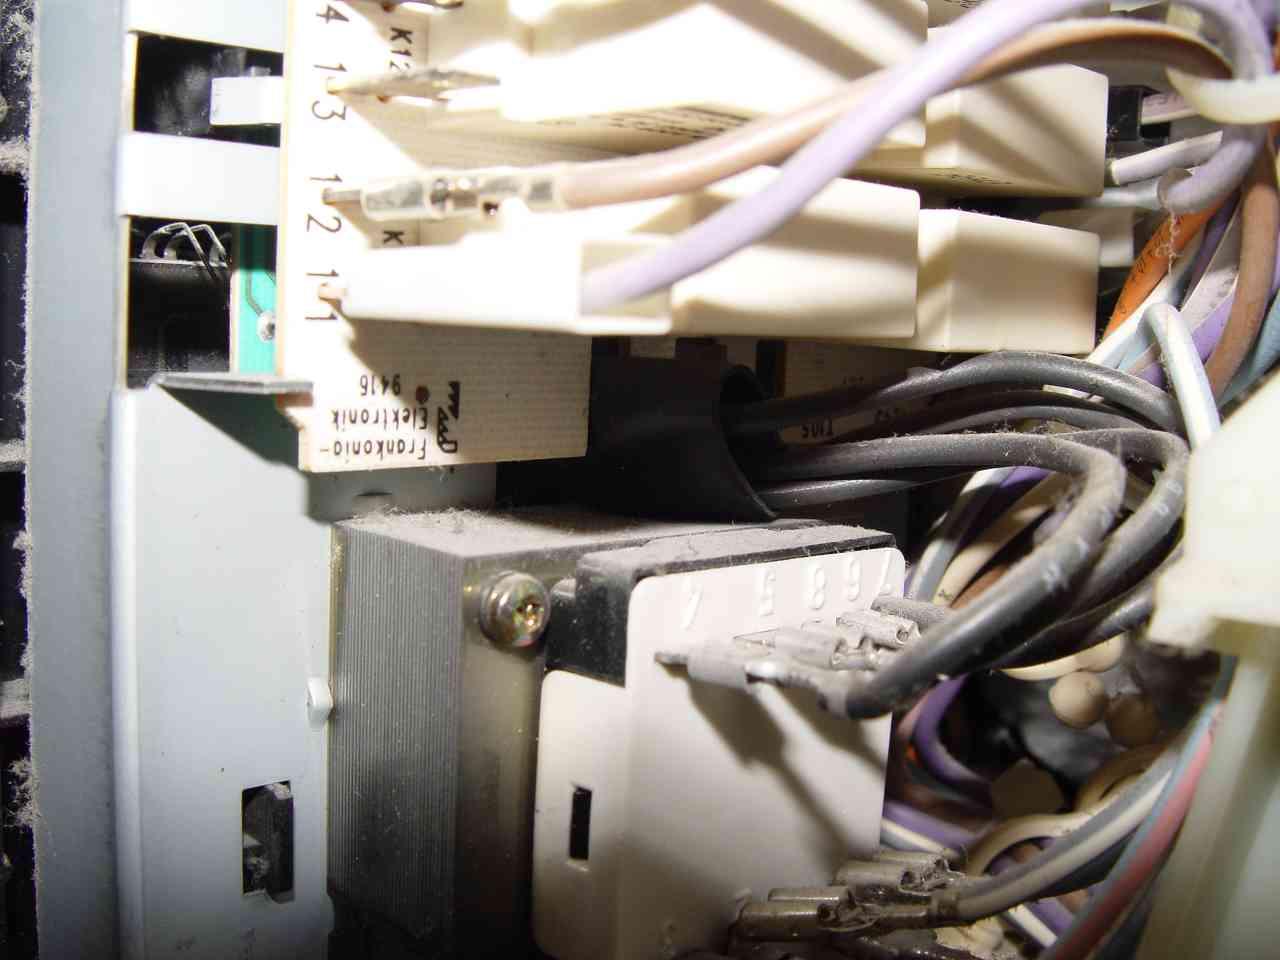 fingers elektrische welt • thema anzeigen - mikrowellen-reparatur